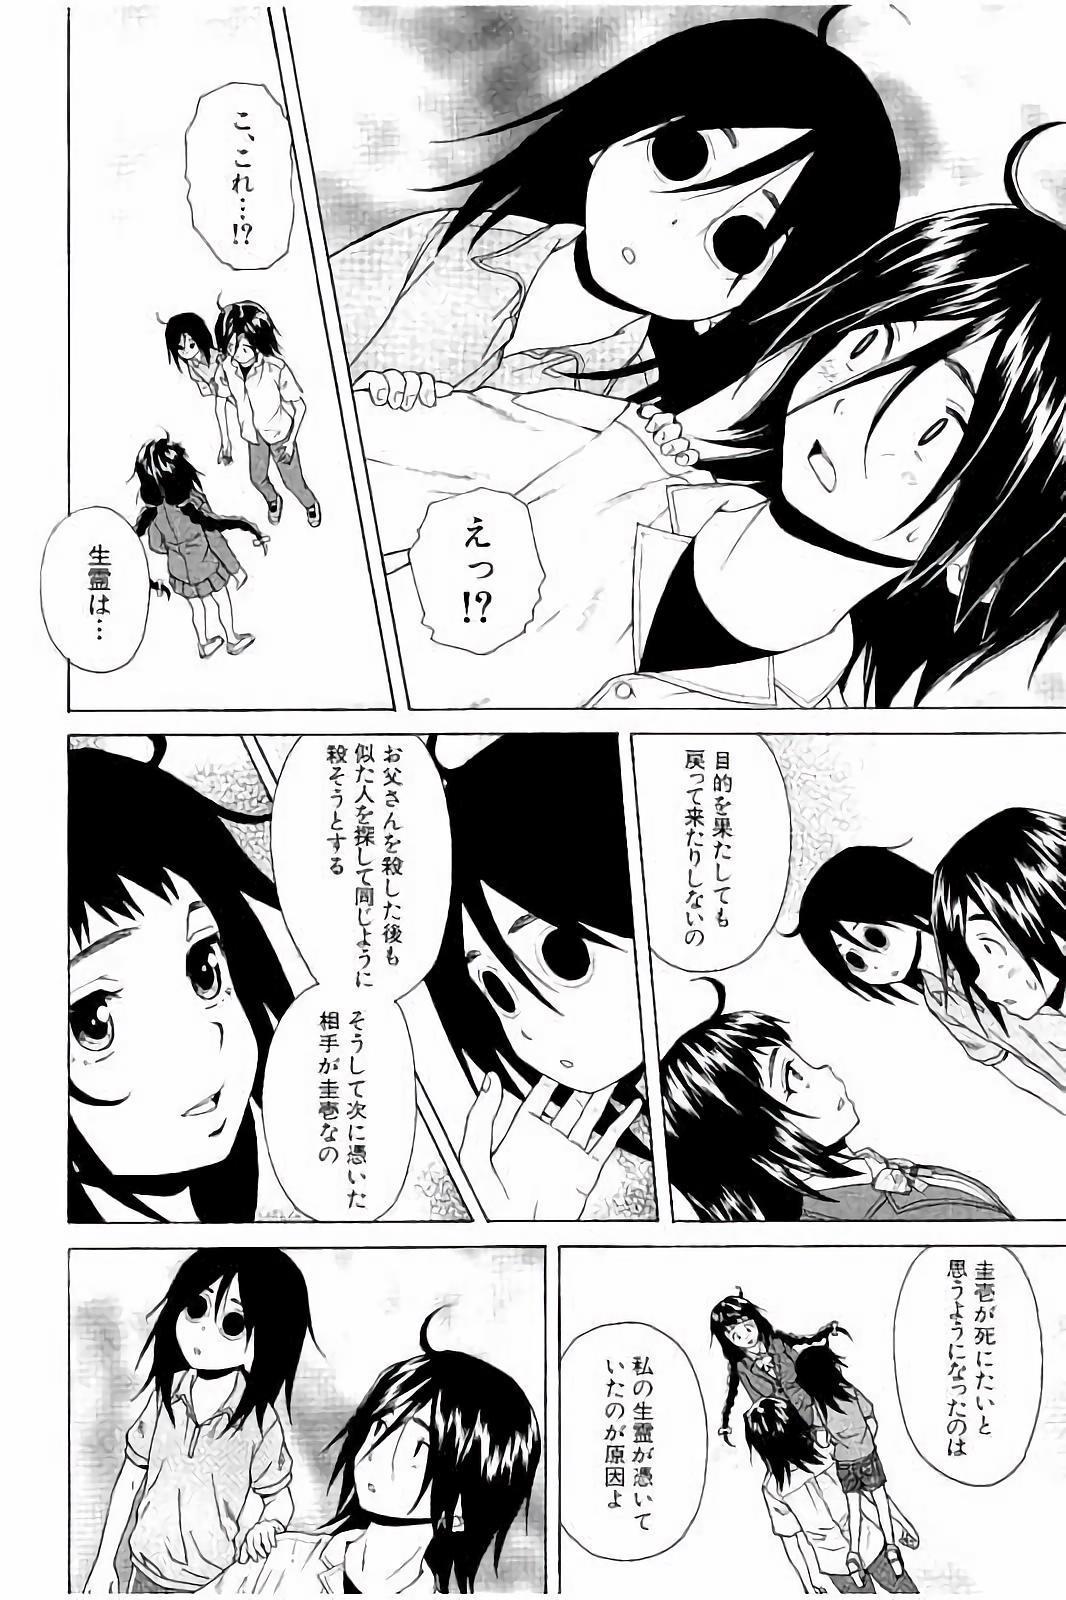 Ane no Himitsu To Boku no Jisatsu 155